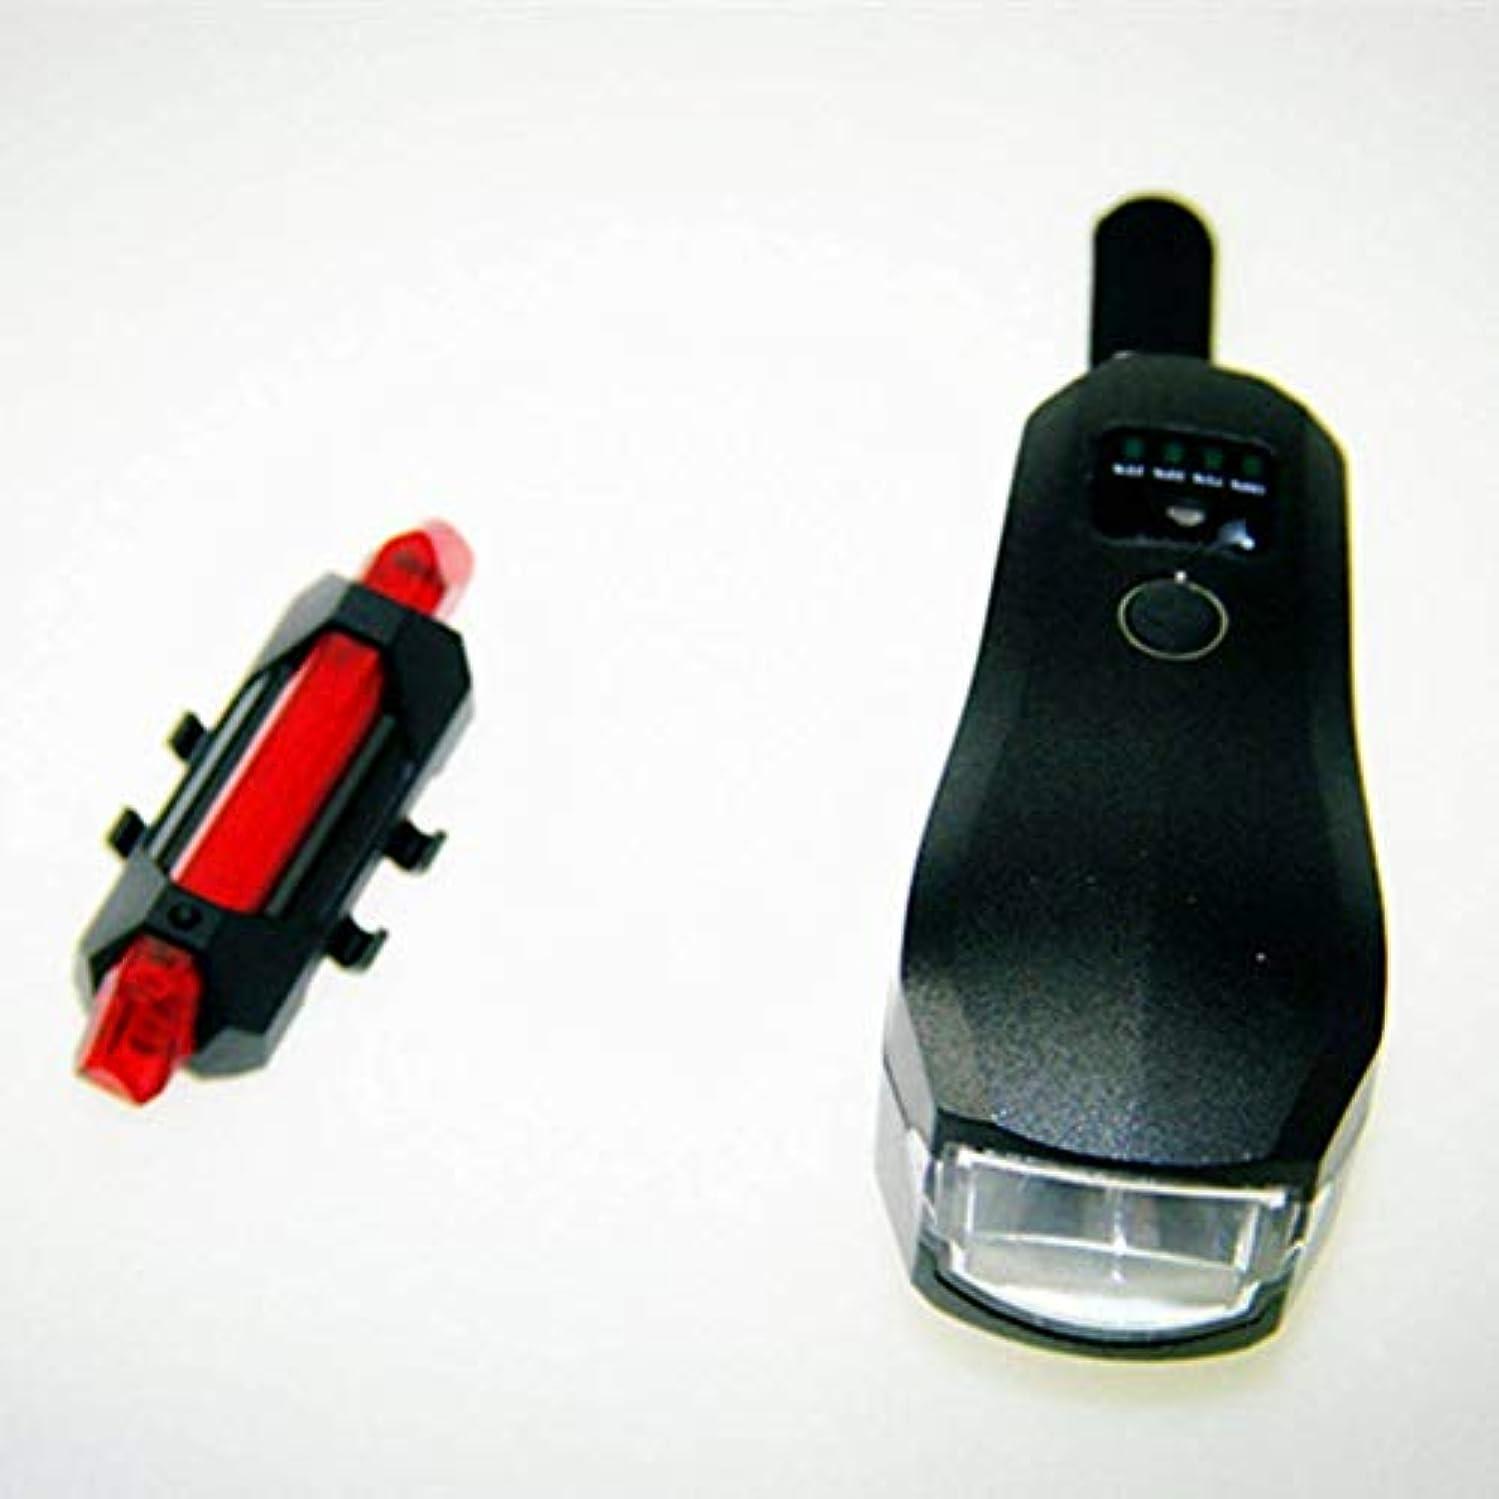 レジデンスビール判決自転車ライトセットUSB充電式、LED自転車ライト安全懐中電灯ナイトサイクリングライト、自転車ヘッドライト無料テールライト